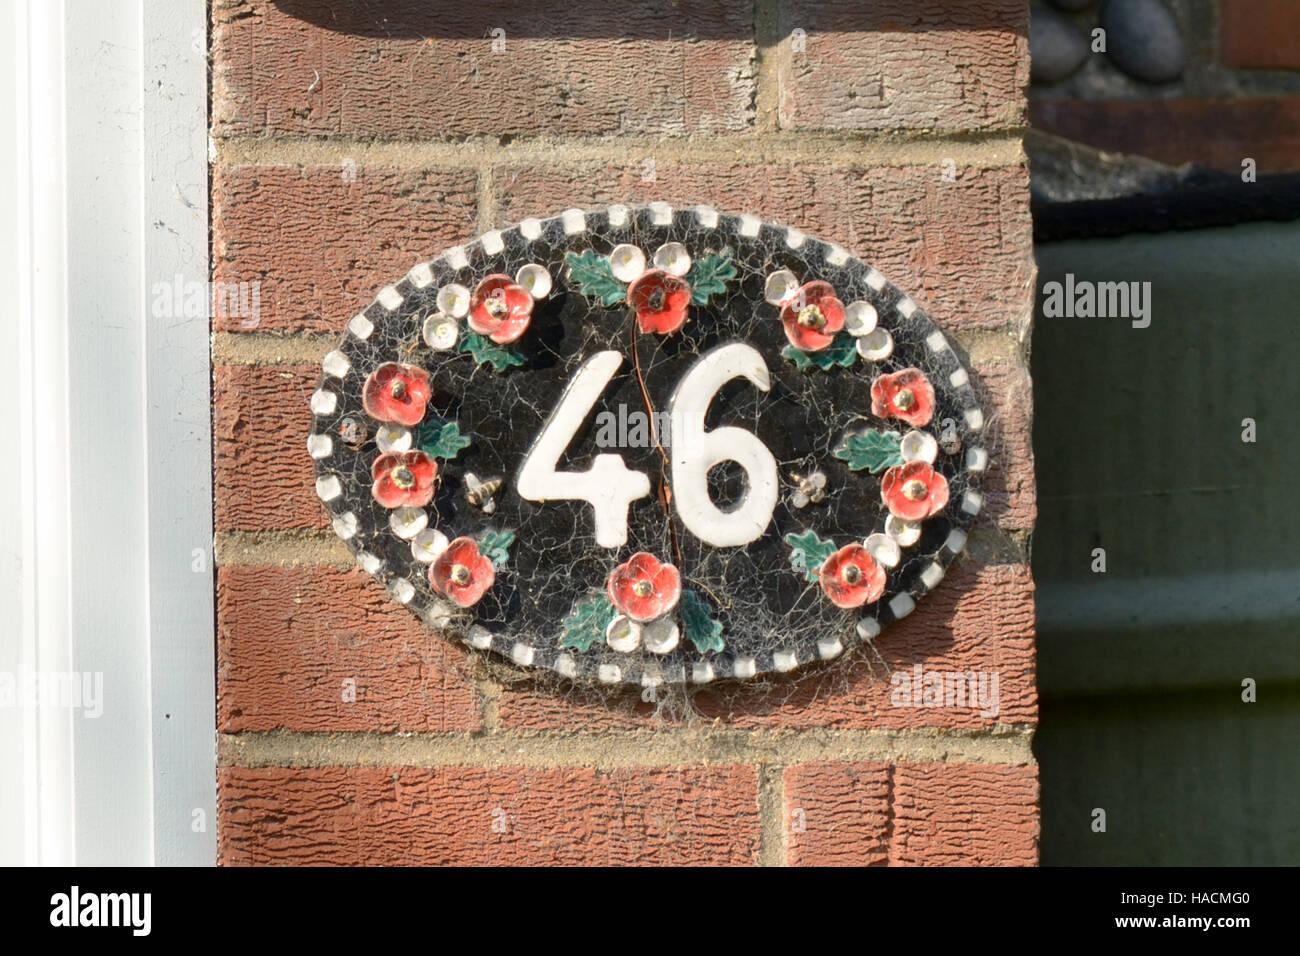 Il numero civico piastrella ceramica segno sulla parete foto